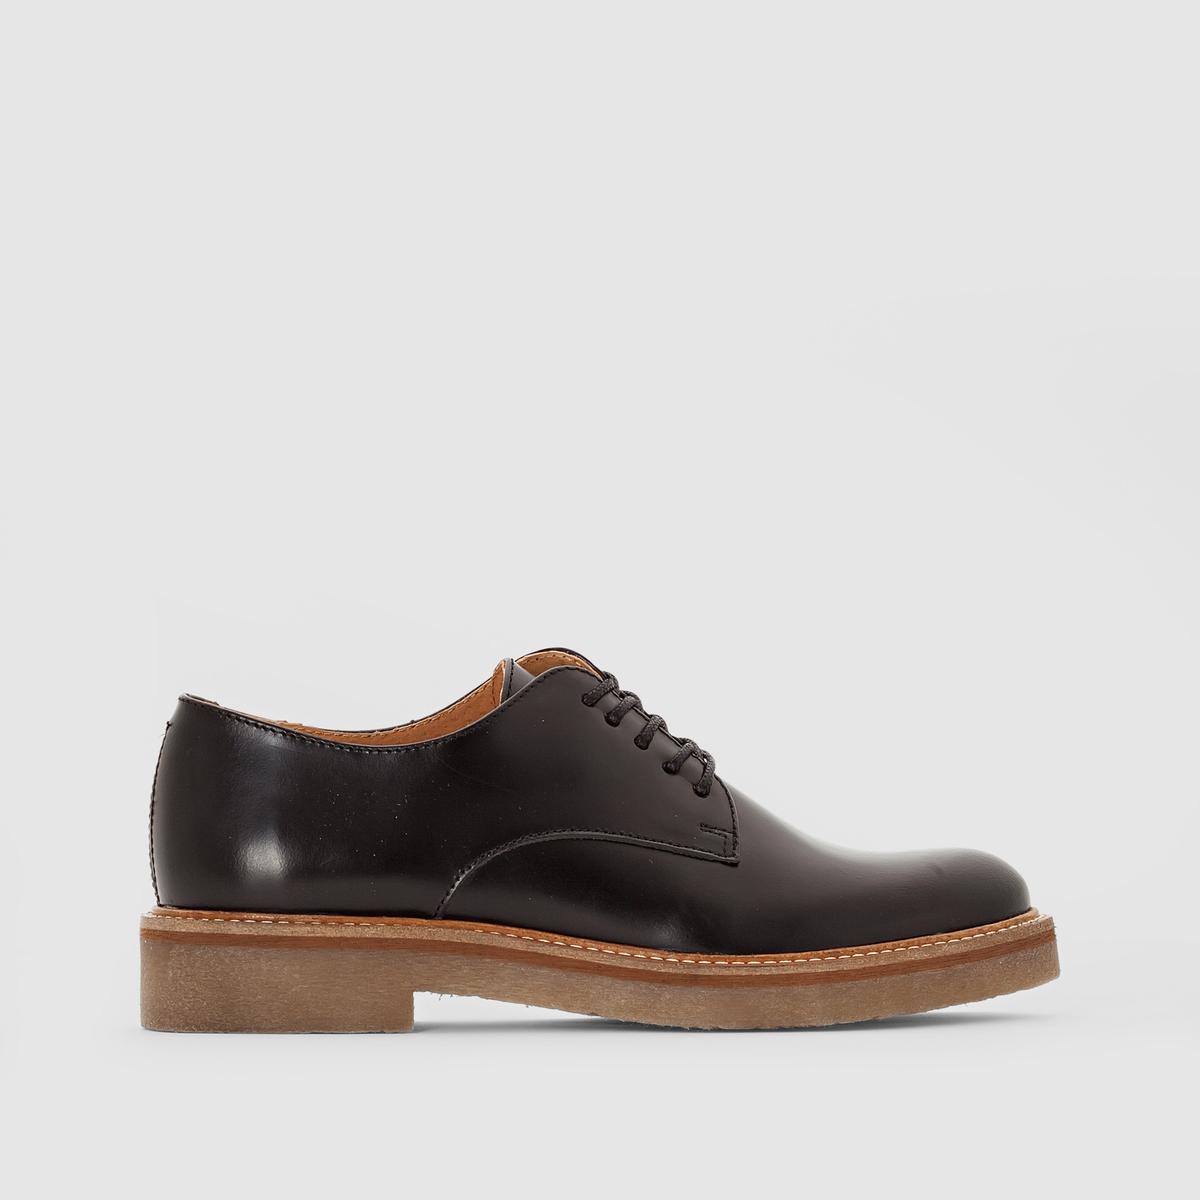 Ботинки-дерби кожаные OxfordПодкладка: Неотделанная кожа     Стелька: Неотделанная кожа     Подошва: Вальцованный каучук     Высота каблука: 3 см     Застежка: шнуровка.<br><br>Цвет: черный<br>Размер: 38